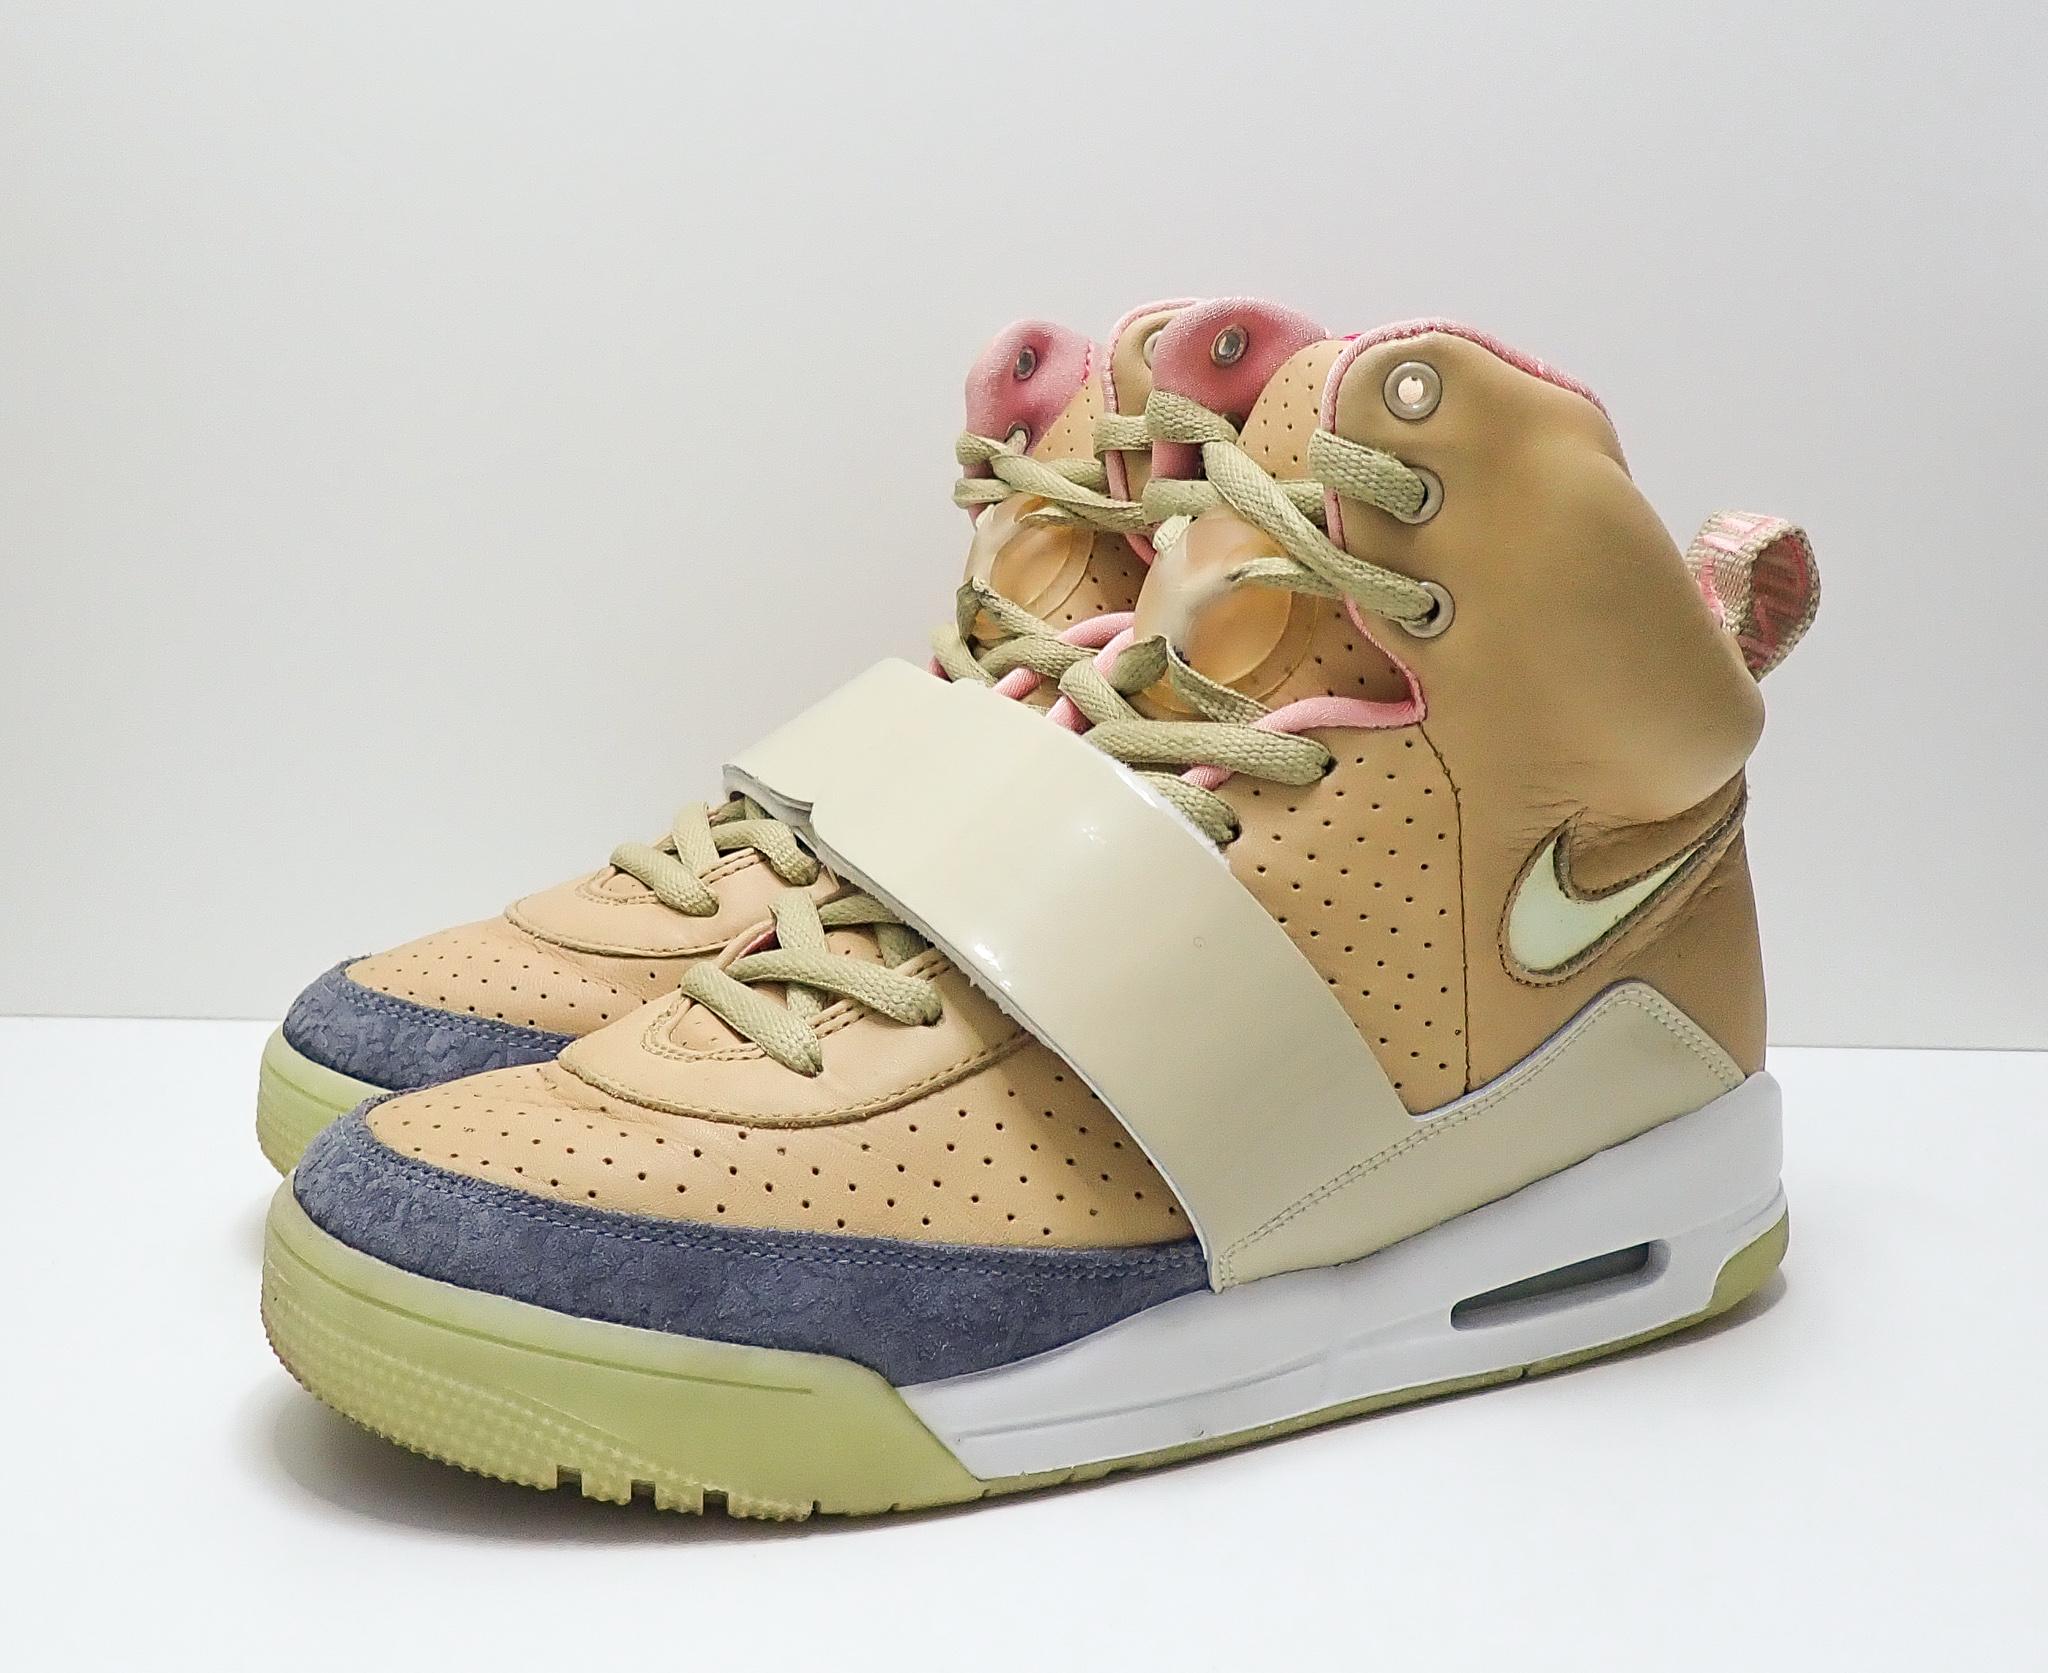 Nike Air Yeezy 1 Net Tan